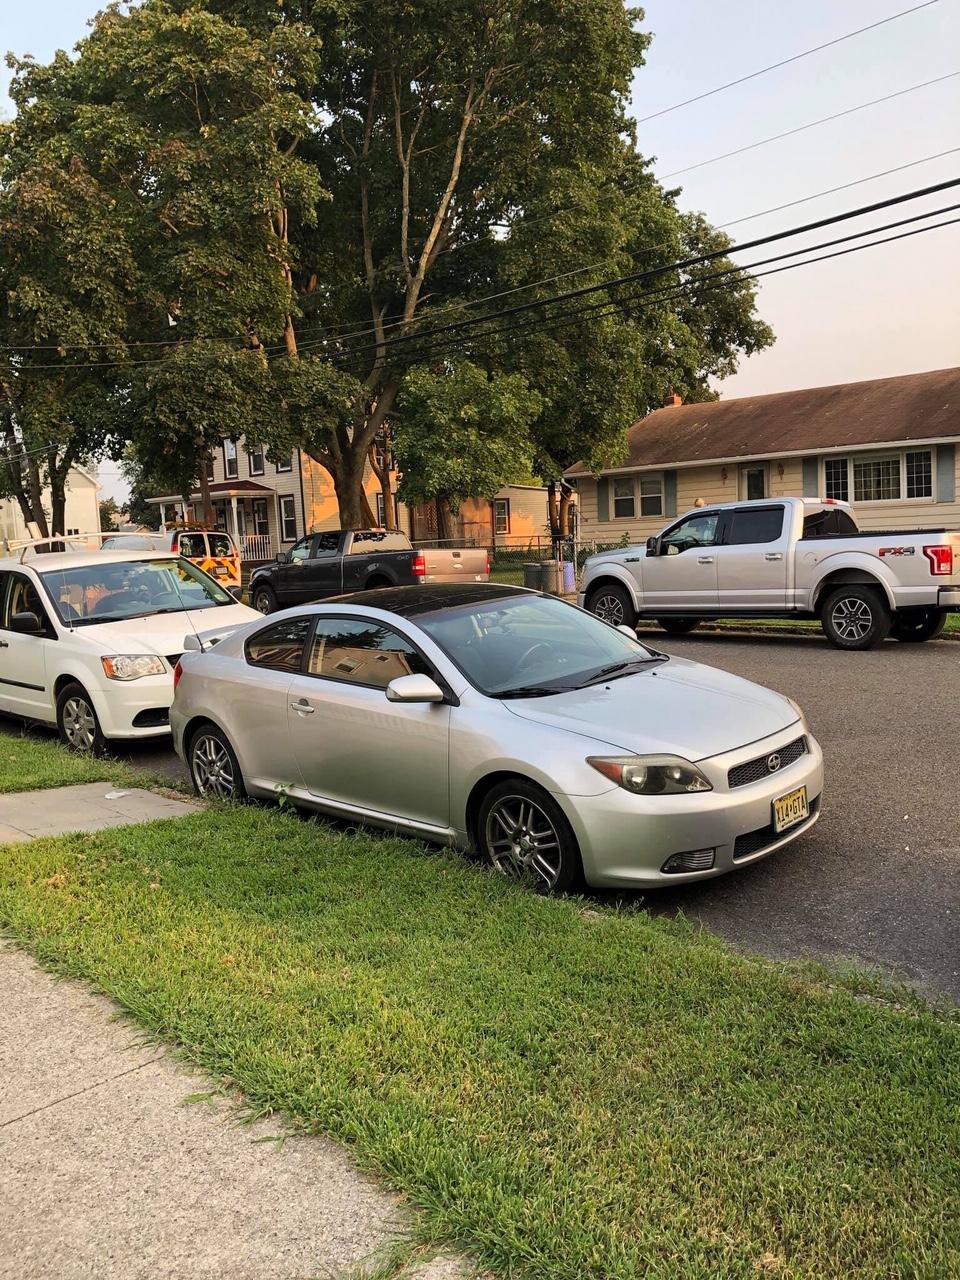 Ogłoszenie darmowe. Lokalizacja:  Trenton/Philadelphia i okolice. KUPIĘ / SPRZEDAM - Motoryzacja. Sprzedaje auto. 2006 Scion tC..